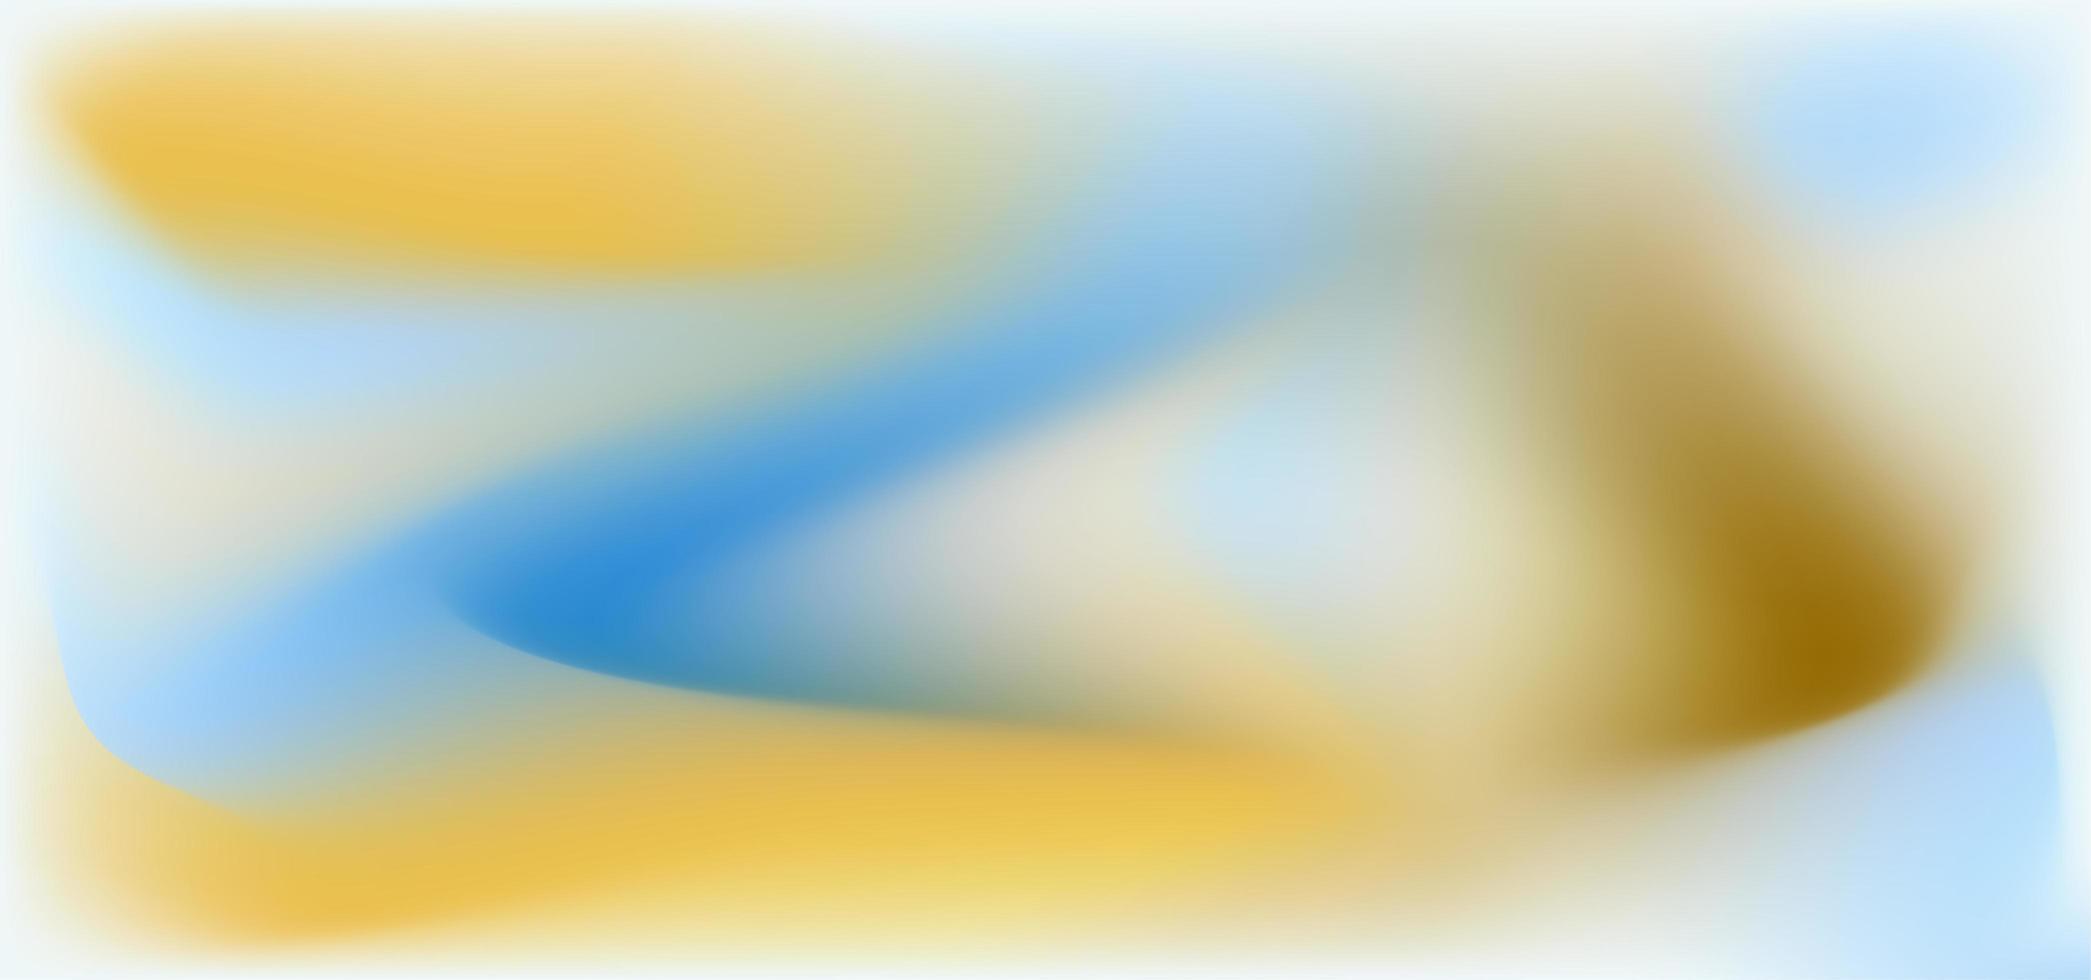 astratto sfondo blu marrone vettore